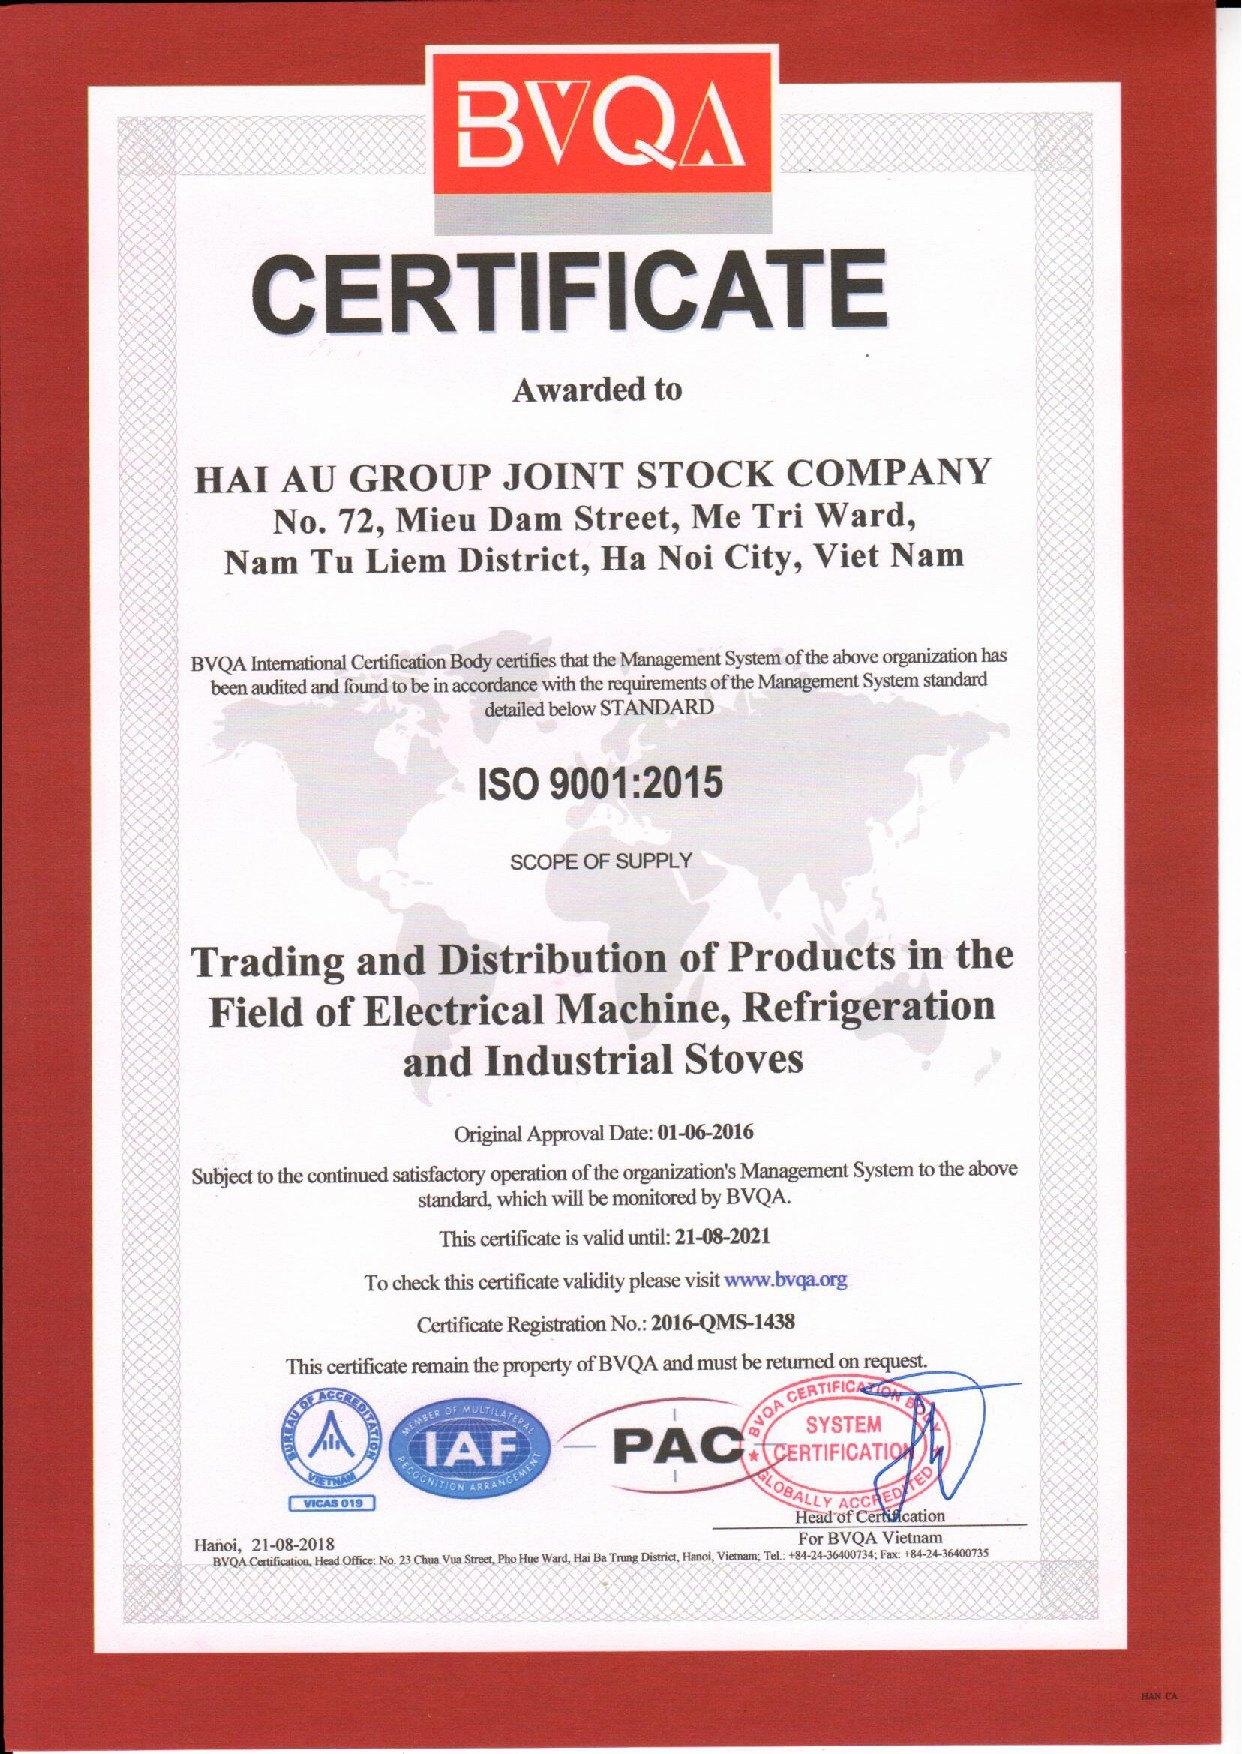 chứng nhân ISO 9001:2015 của Hải Âu Group